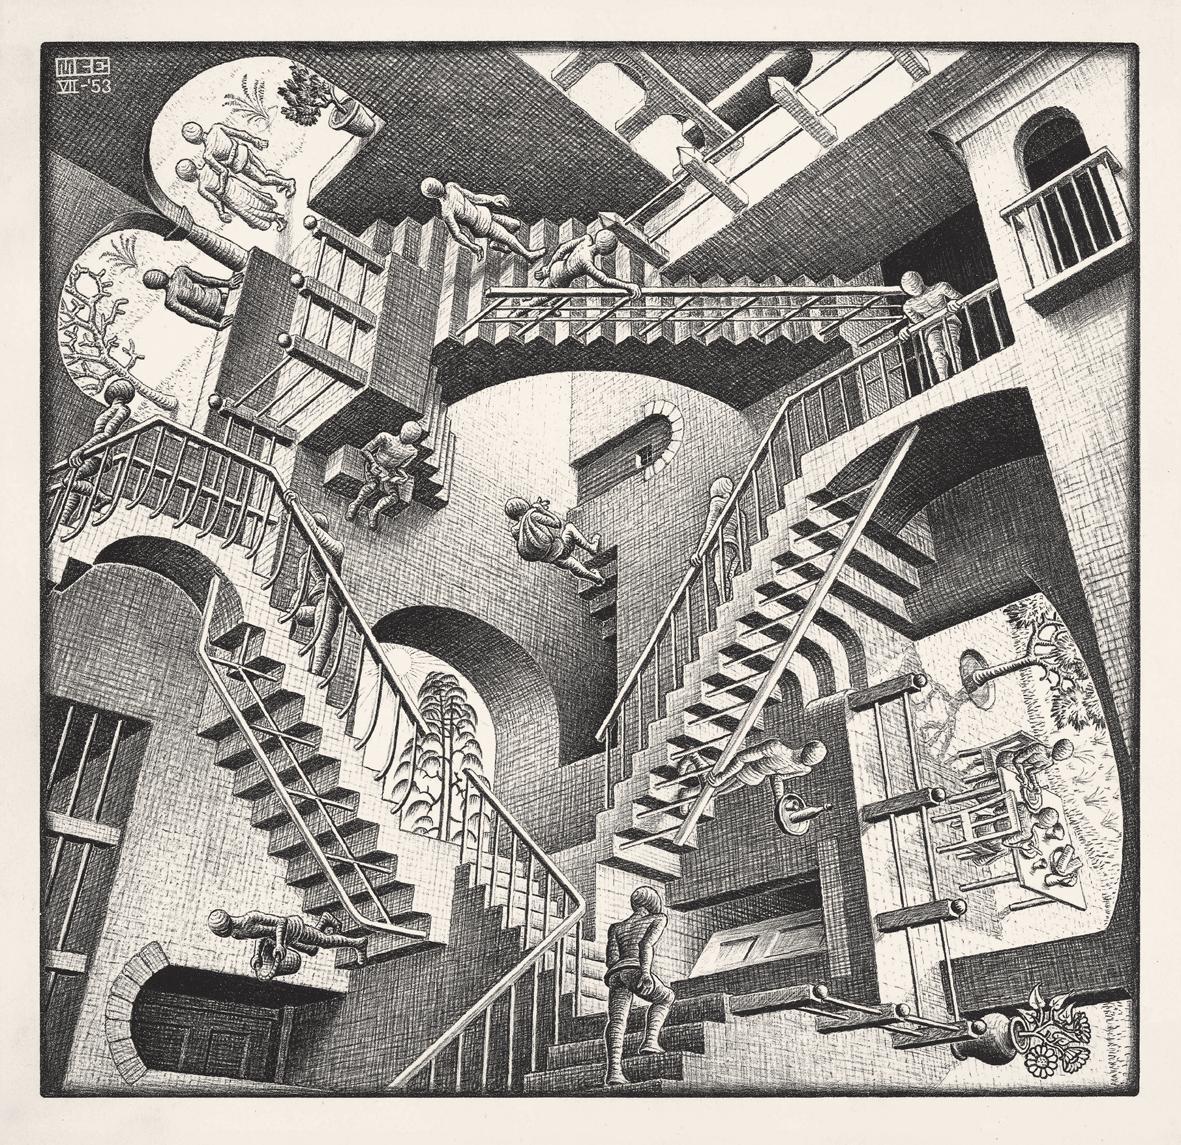 25: Relativity by M. C. Escher - Scott M. McDaniel